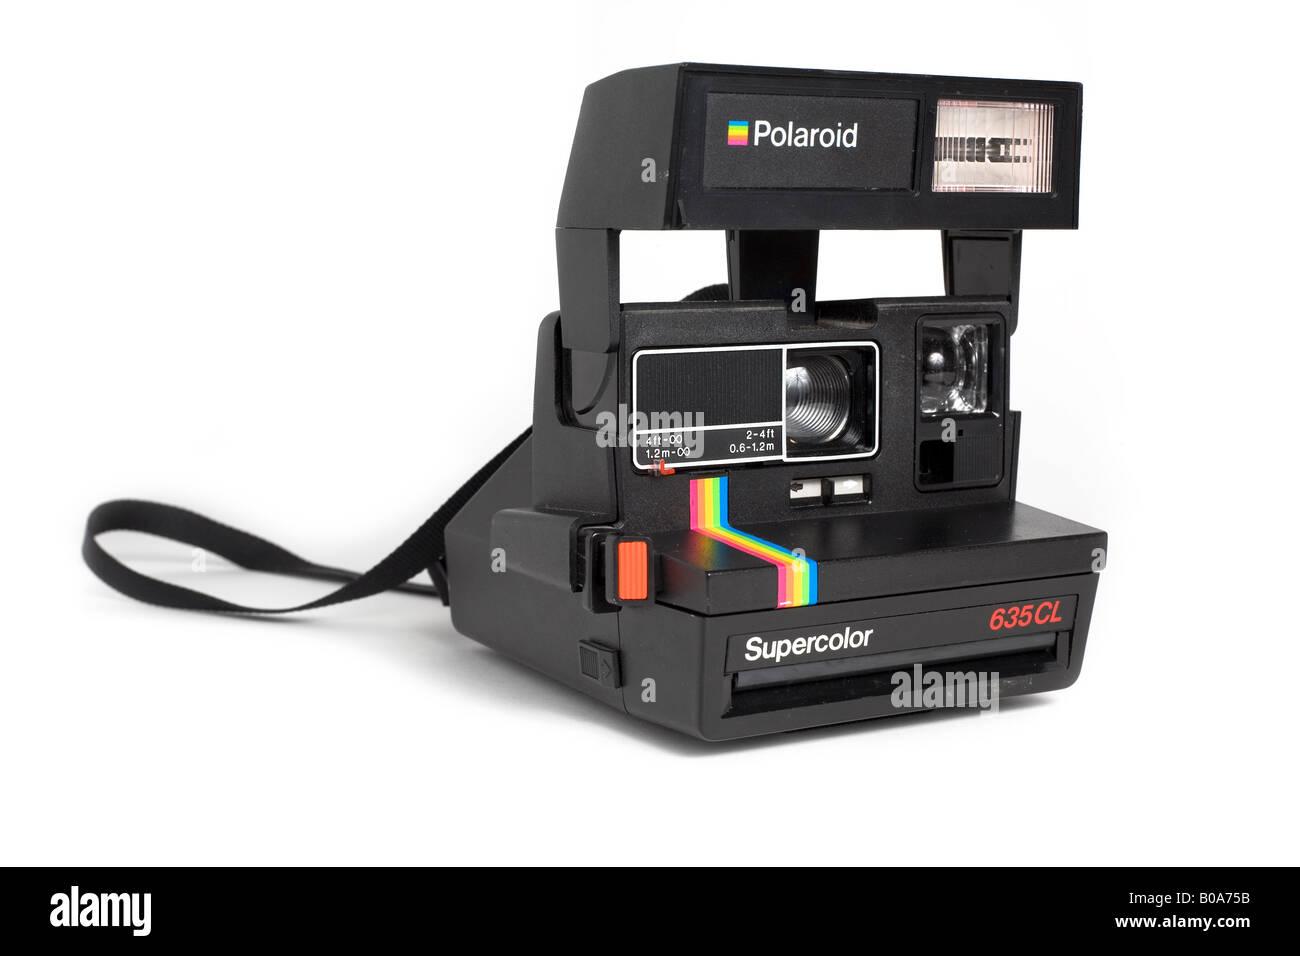 polaroid supercolor camera - Stock Image